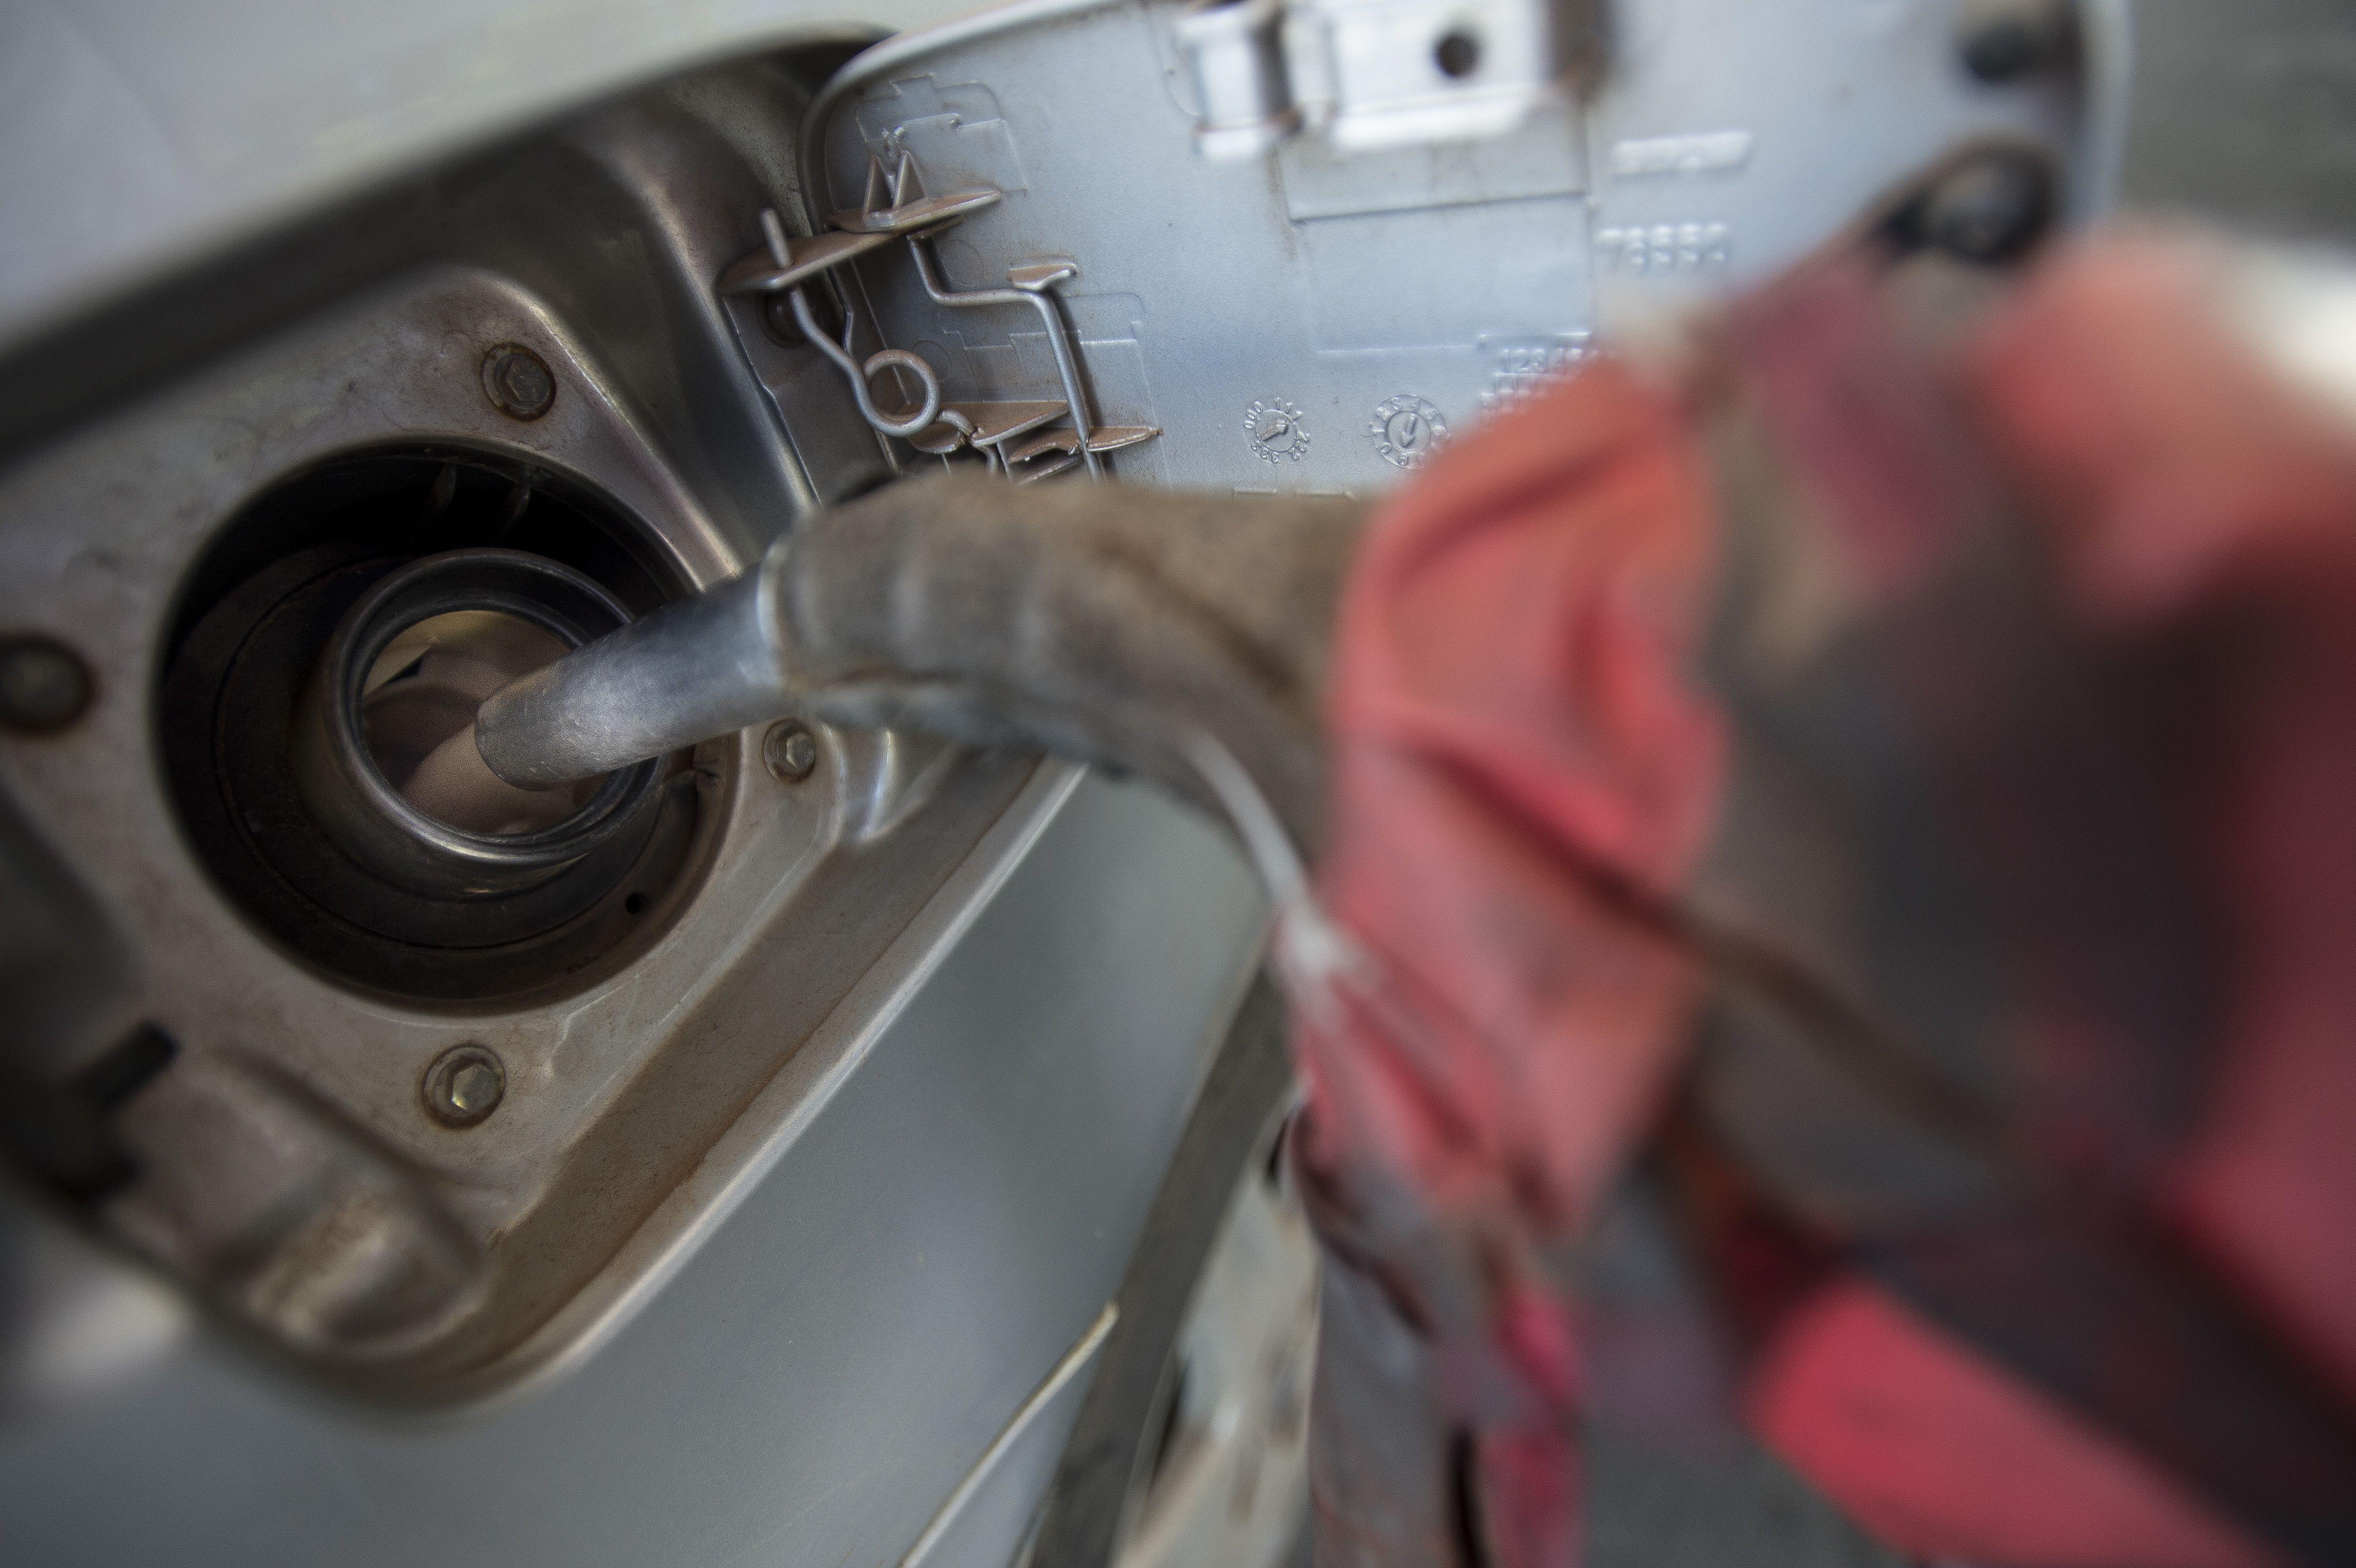 Gasolina da Petrobras vai ficar 3,2% mais barata a partir de sábado ...